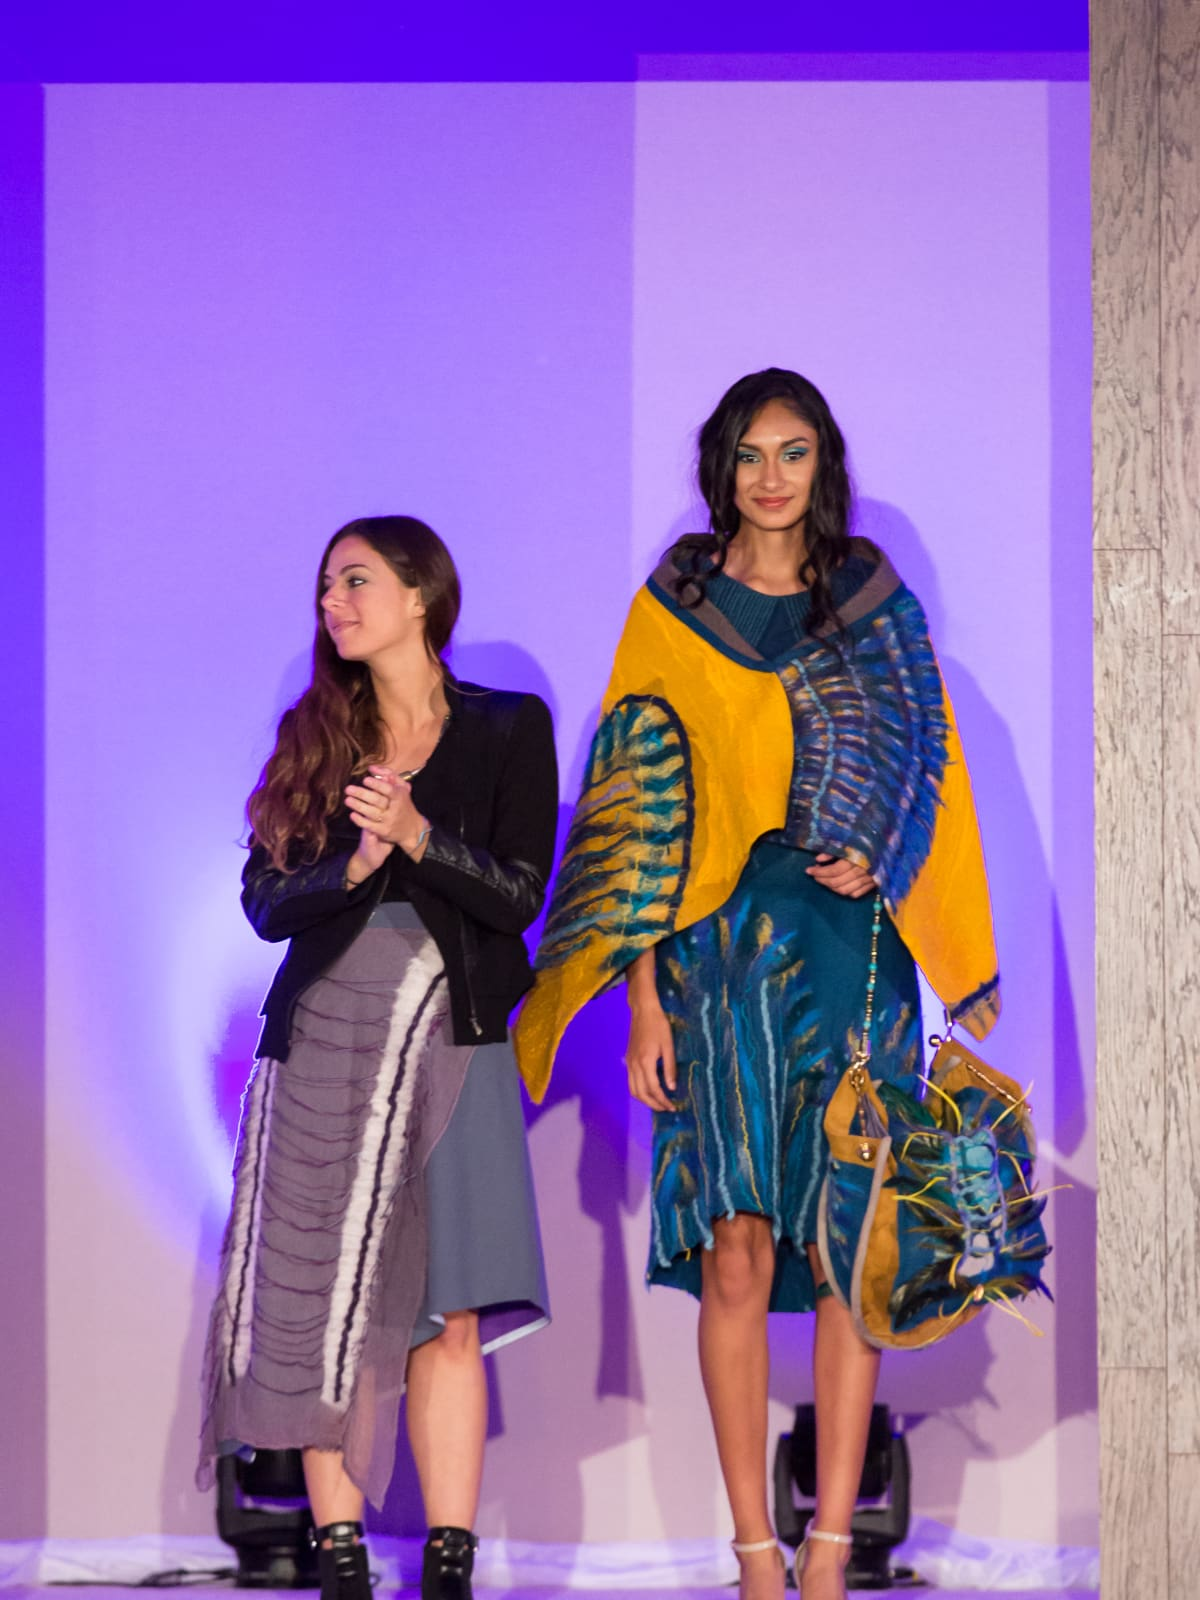 For The Sake of Art, Andrea Giralt Brun yarn dress